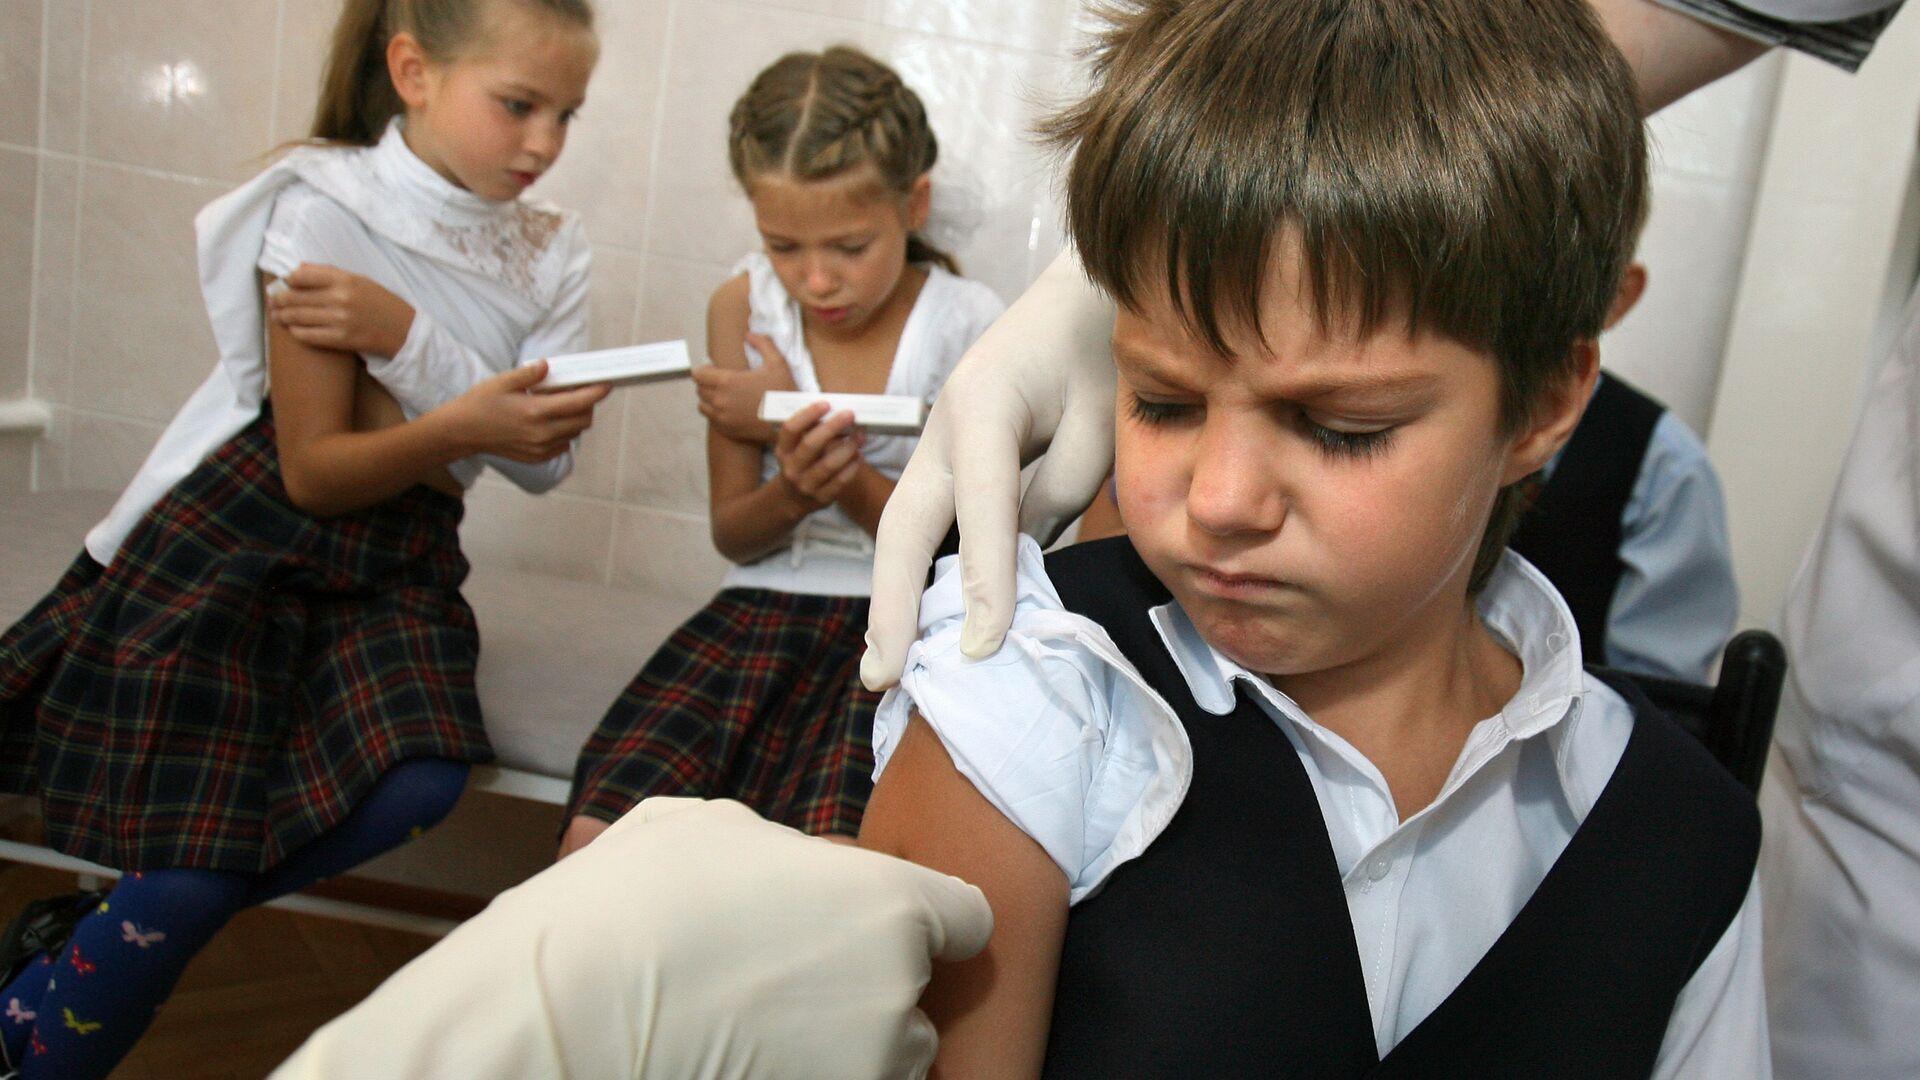 Вакцинация детей от гриппа - РИА Новости, 1920, 16.09.2020